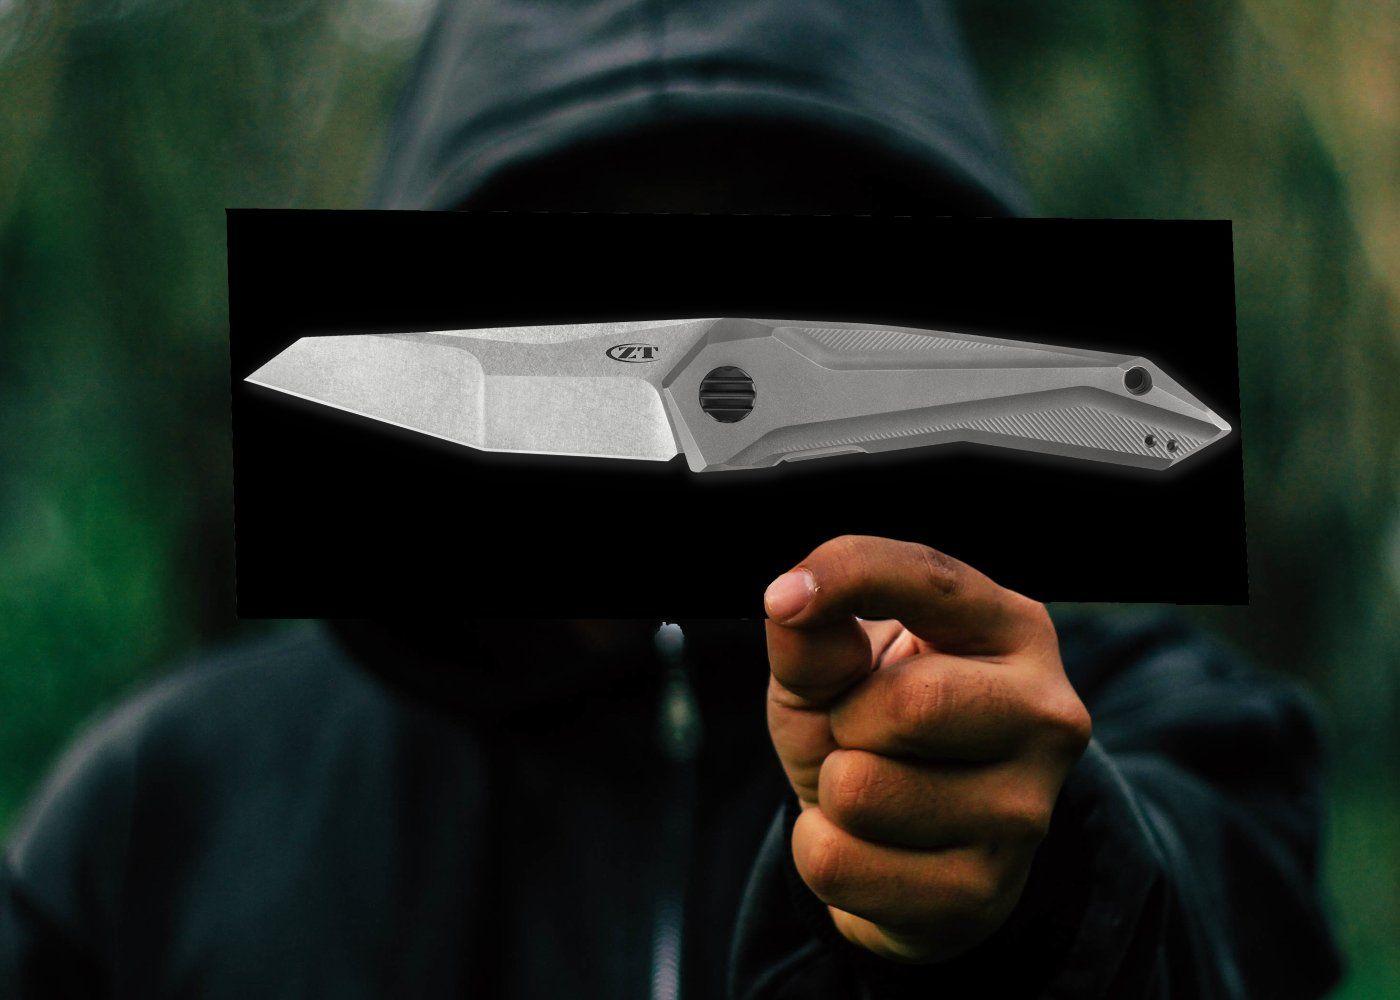 Fake Knives